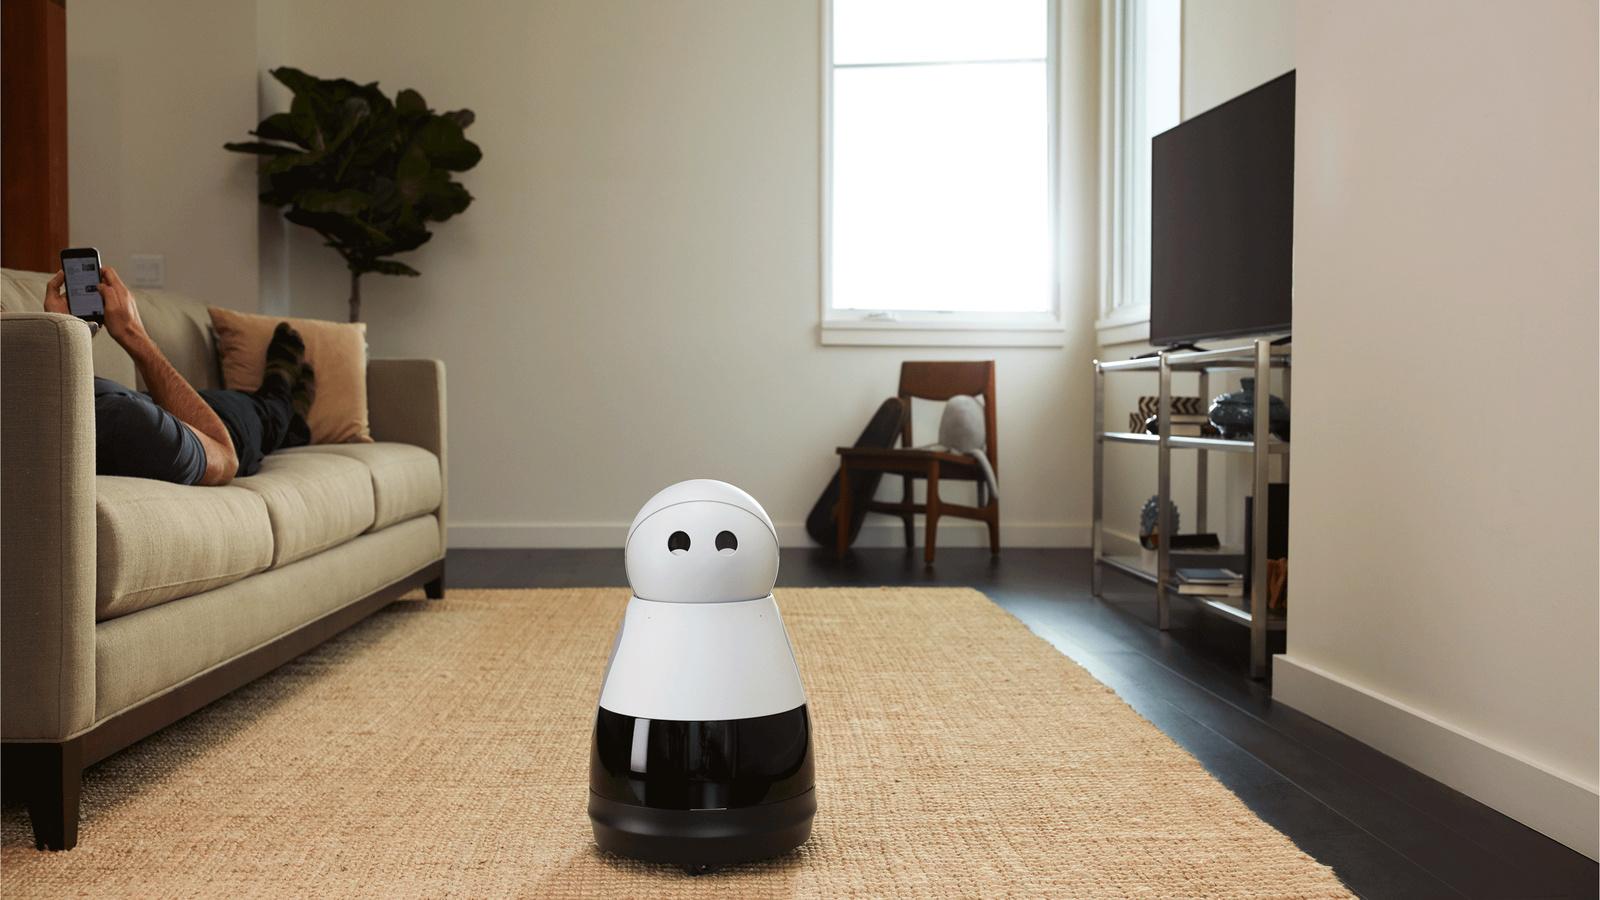 Der Home-Roboter Kuri unterstützt Menschen in ihrem Alltag.